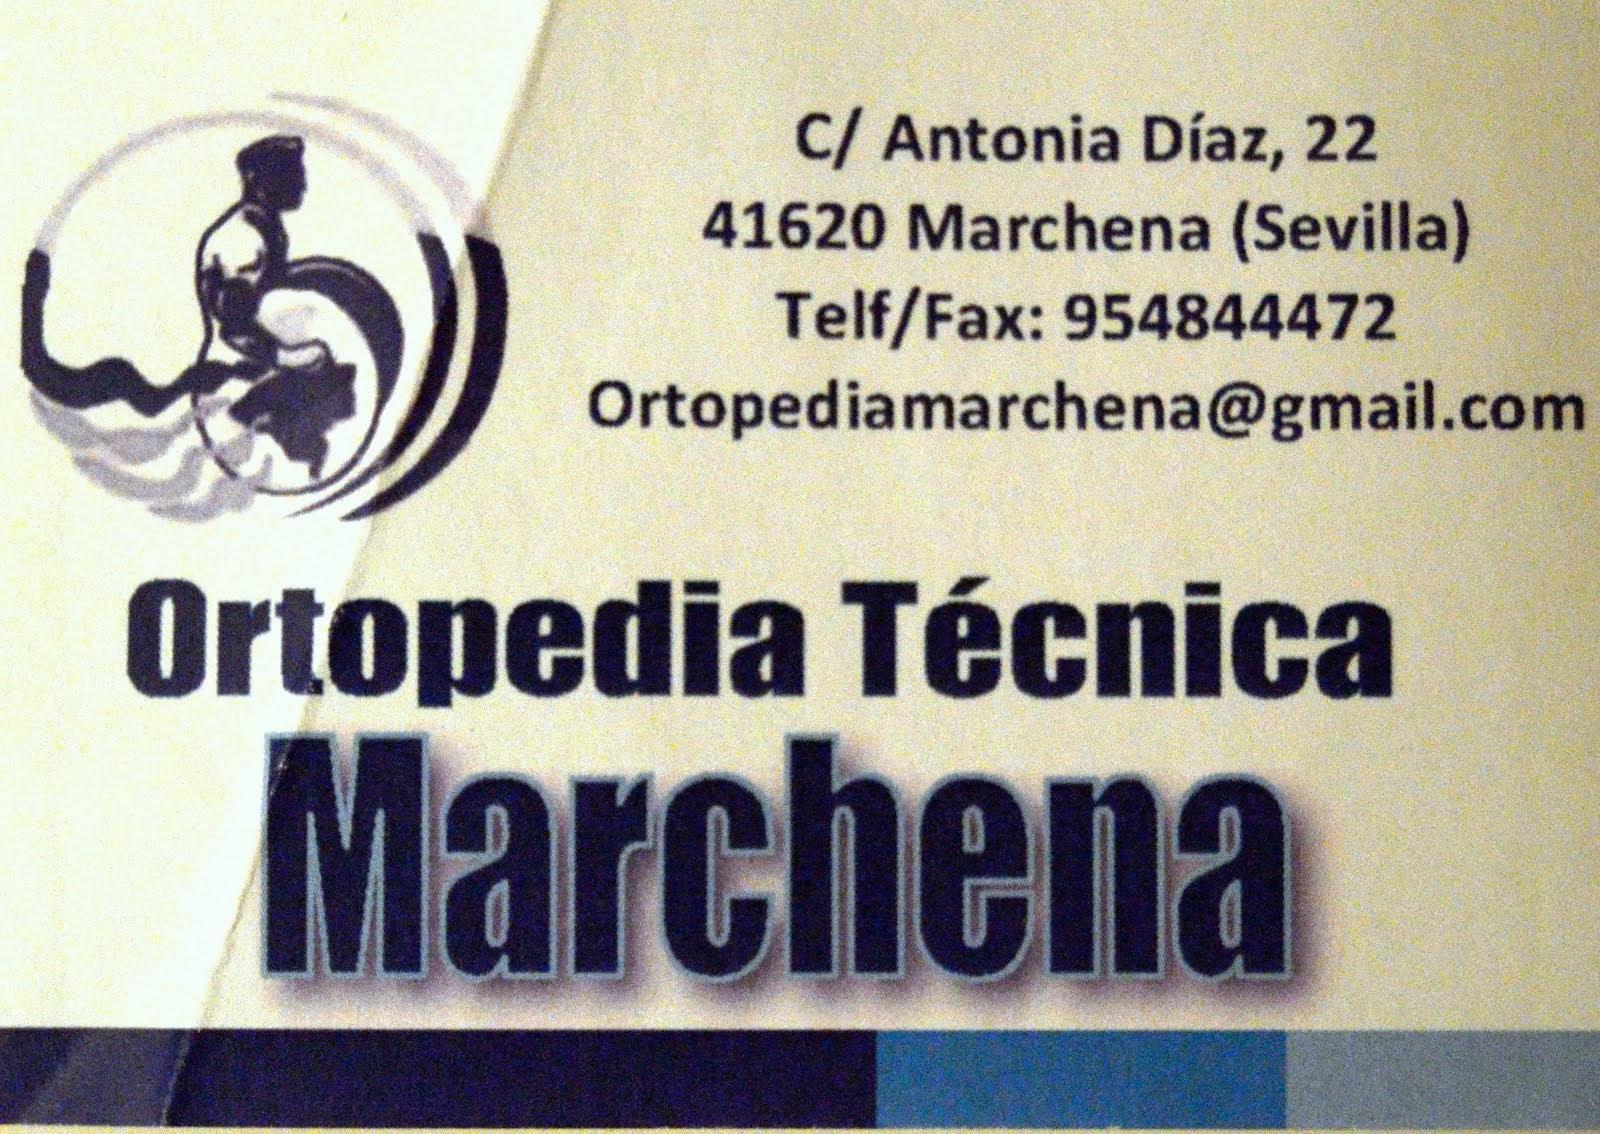 Ortopedia Tecnica Marchena